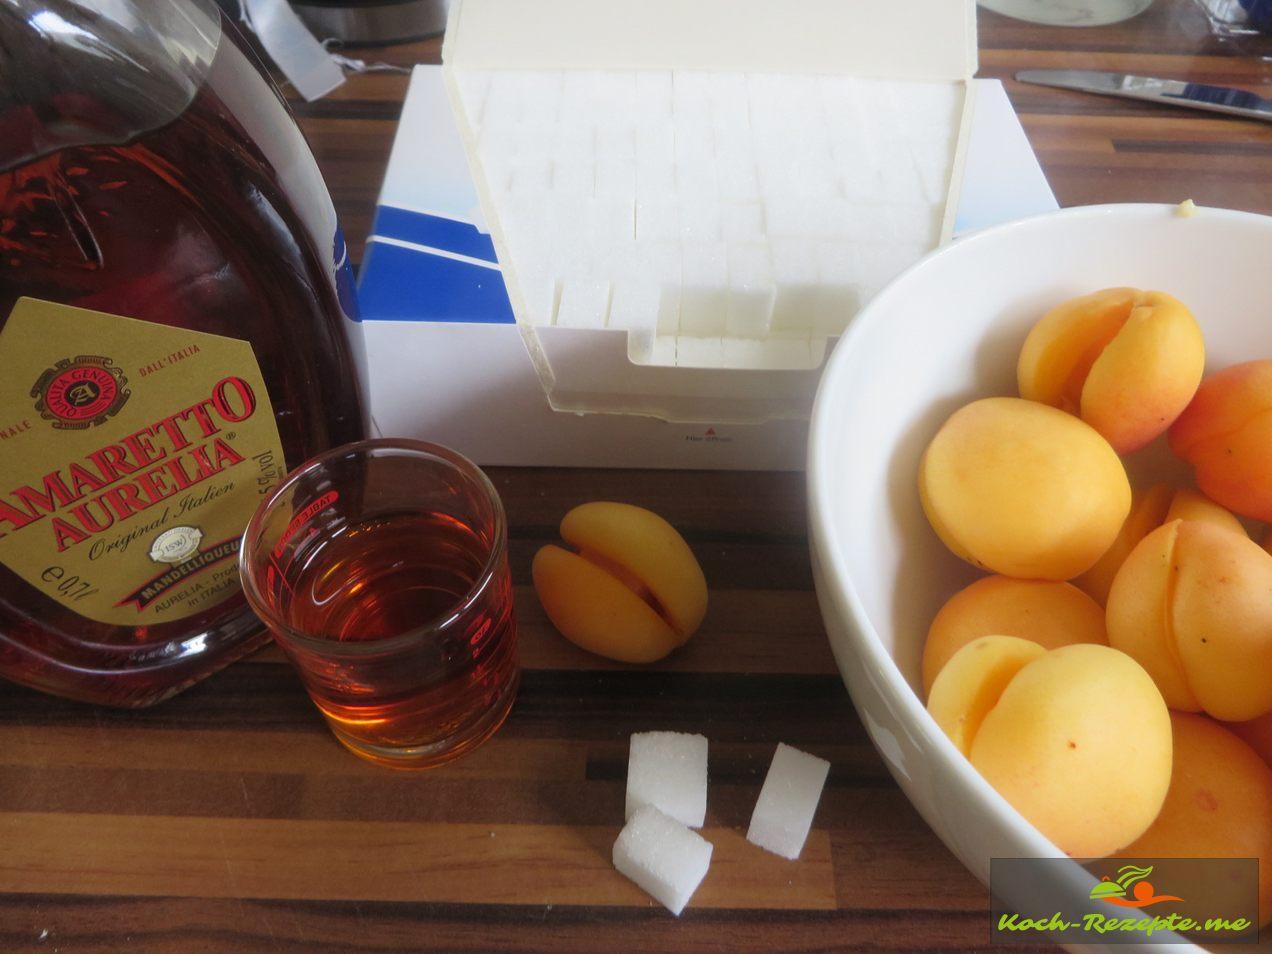 Füllung, Zuckerwürfel getränkt in Ameretto